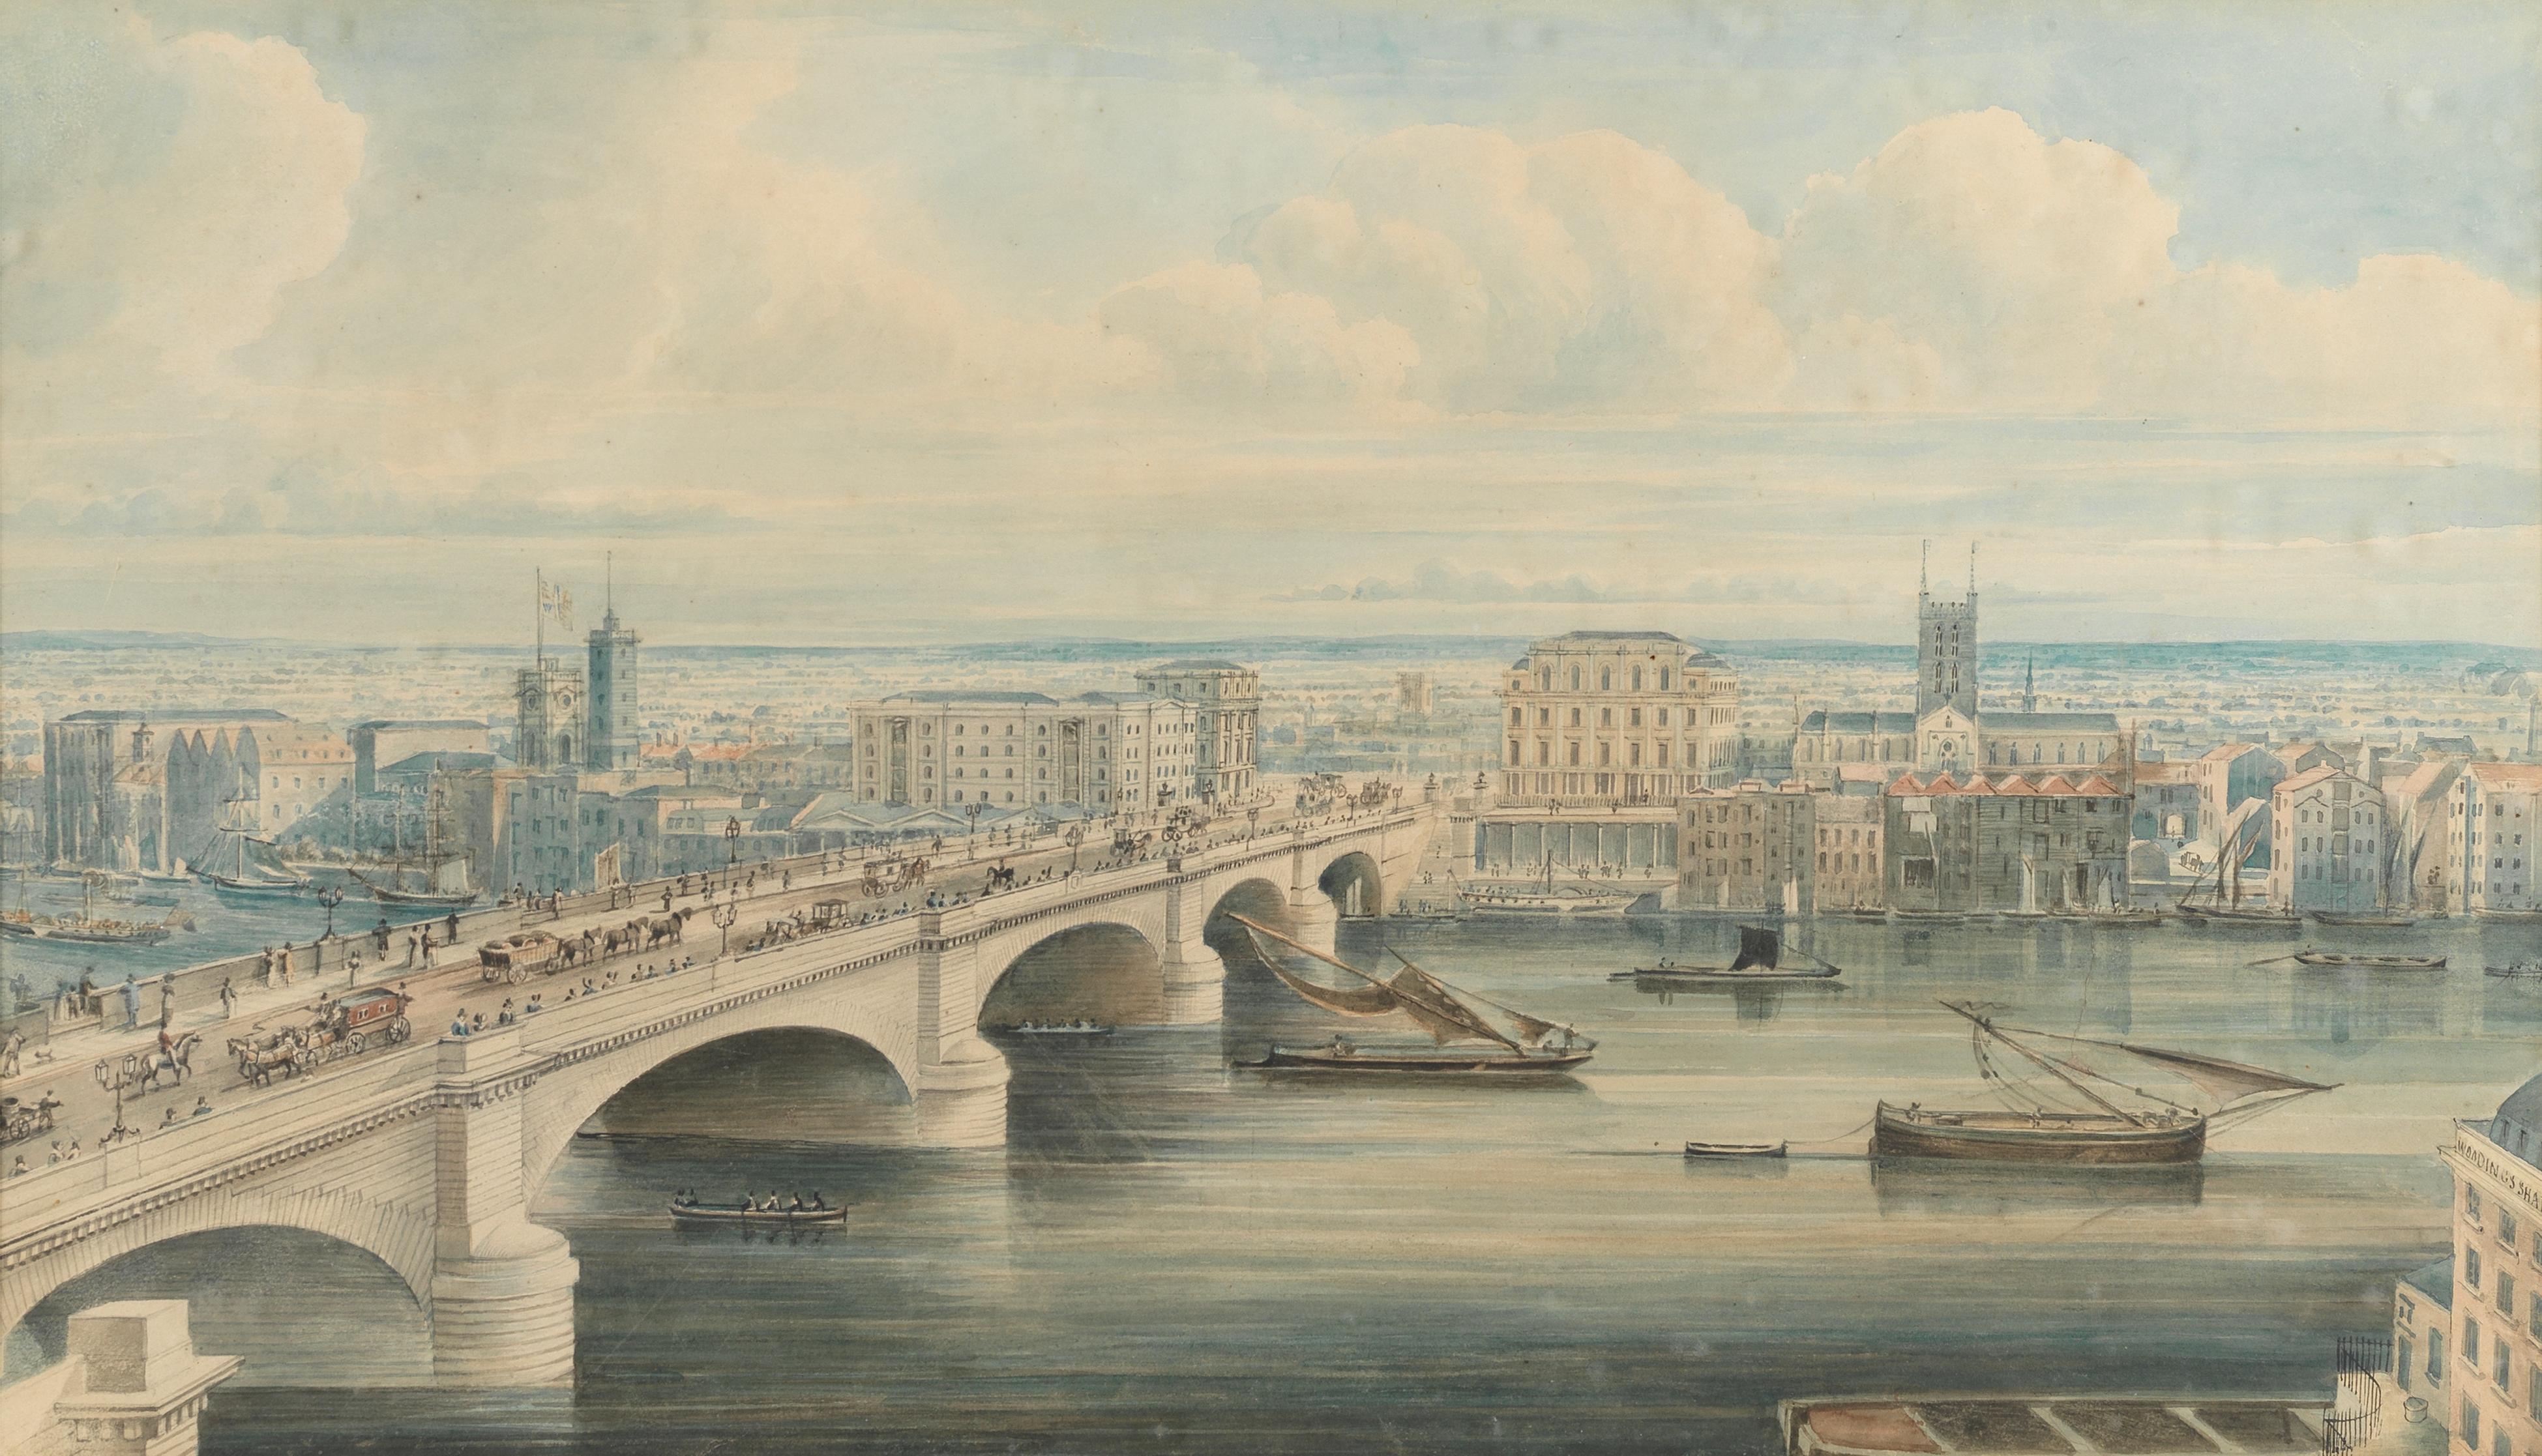 Attributed to Gideon Yates (British, 1790-1837) London Bridge and Southwark from Fishmongers' Hall